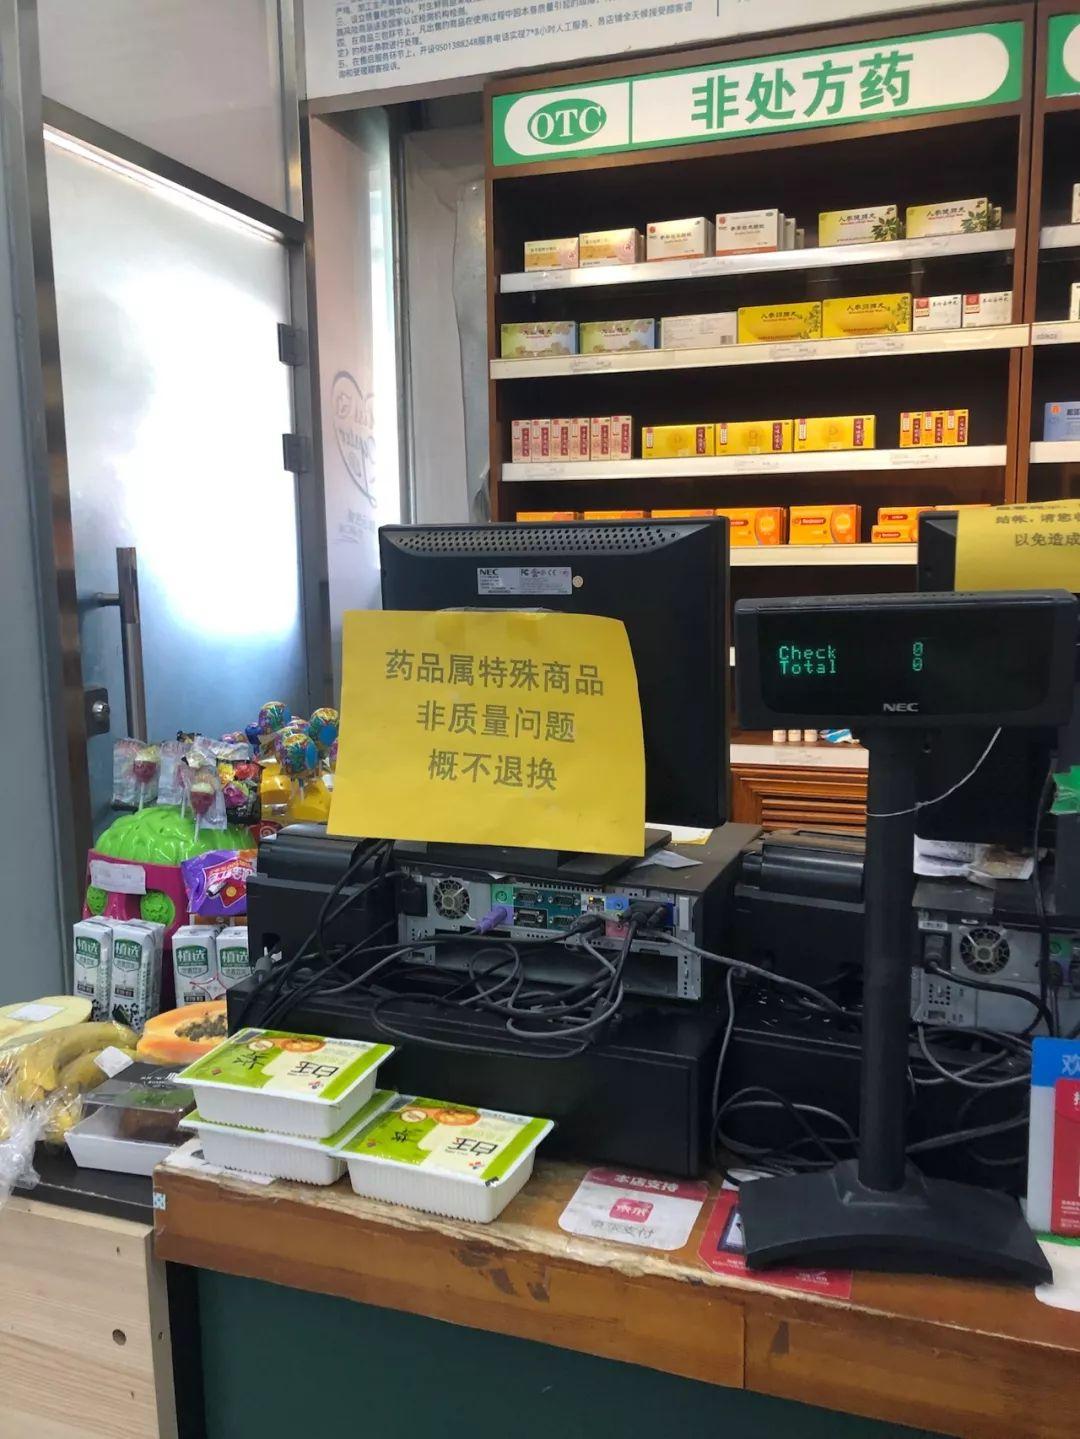 △東大橋地鐵站附近的京客隆京捷生鮮便利店內藥品售賣處 圖片來源:八點健聞鄭琪拍攝